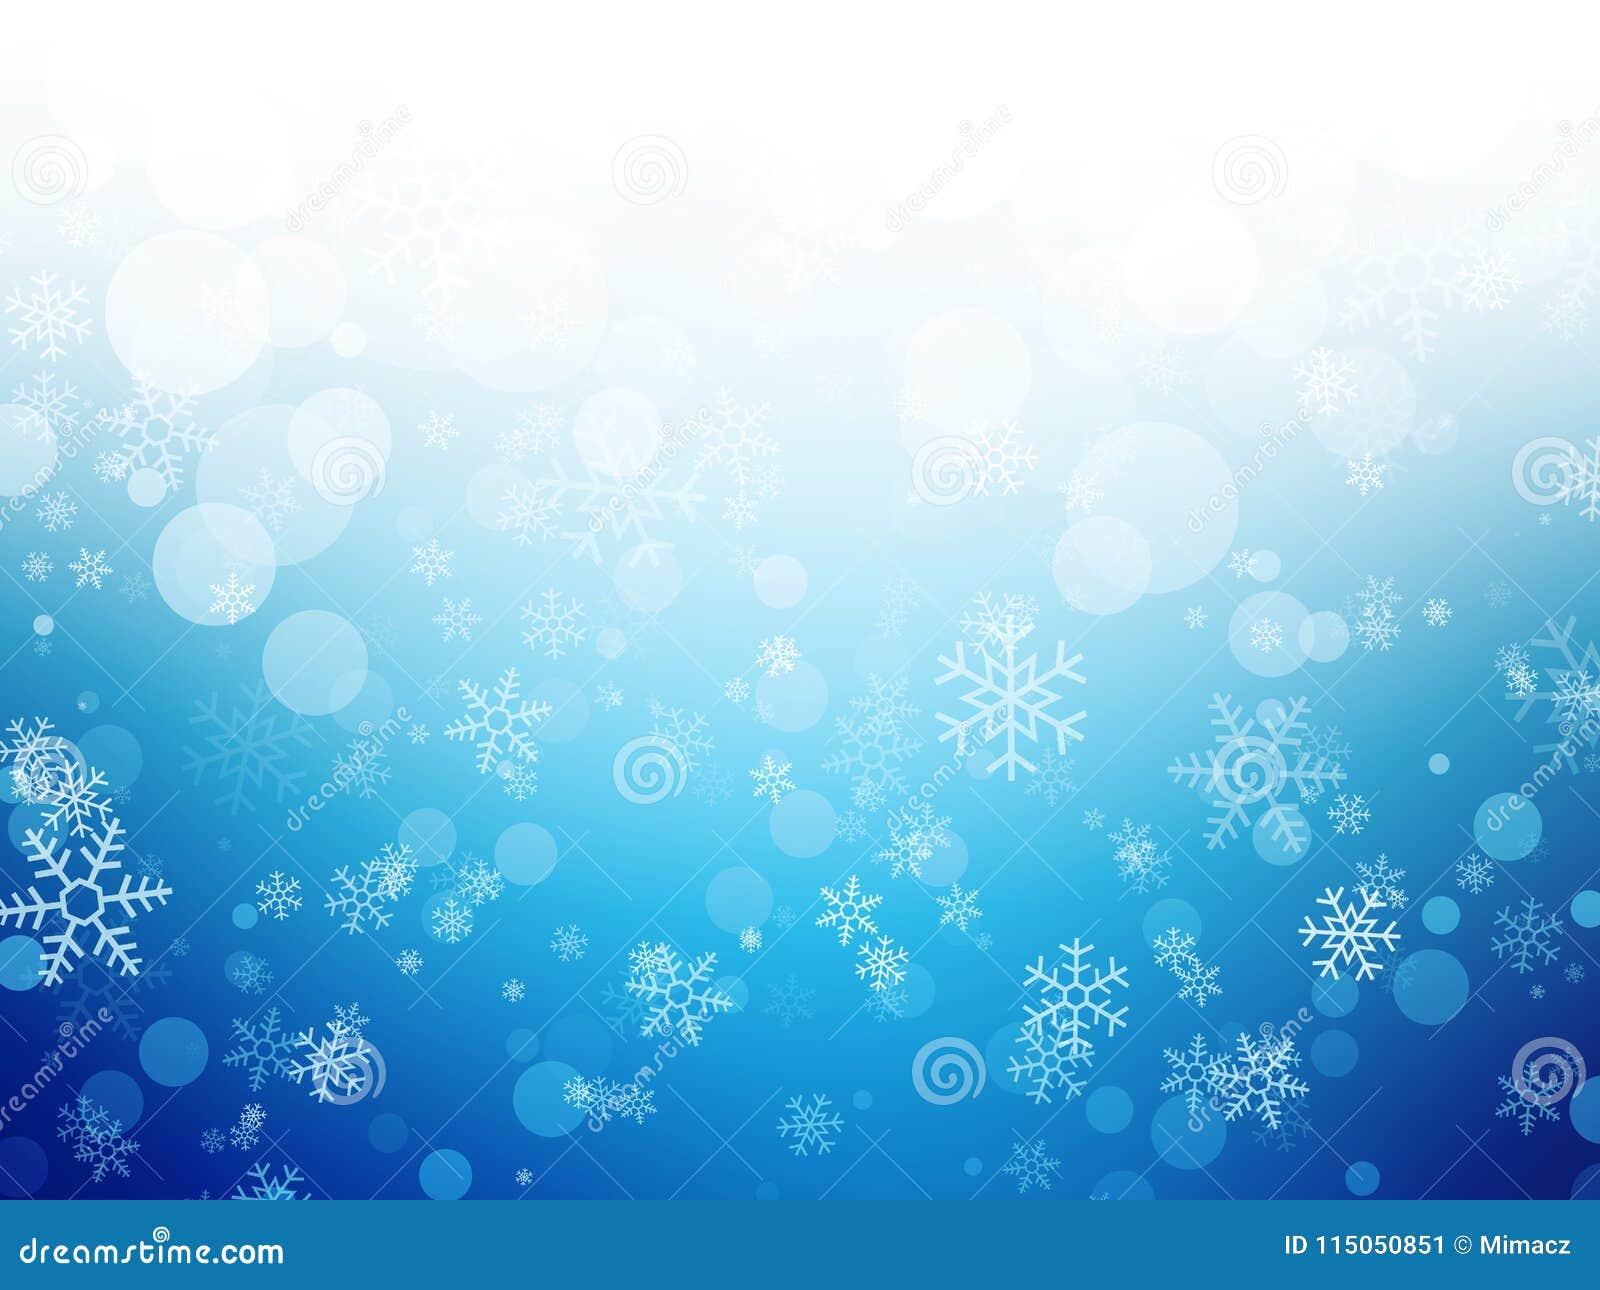 Weißer blauer Winter Weihnachtshintergrund mit Schneeflocken